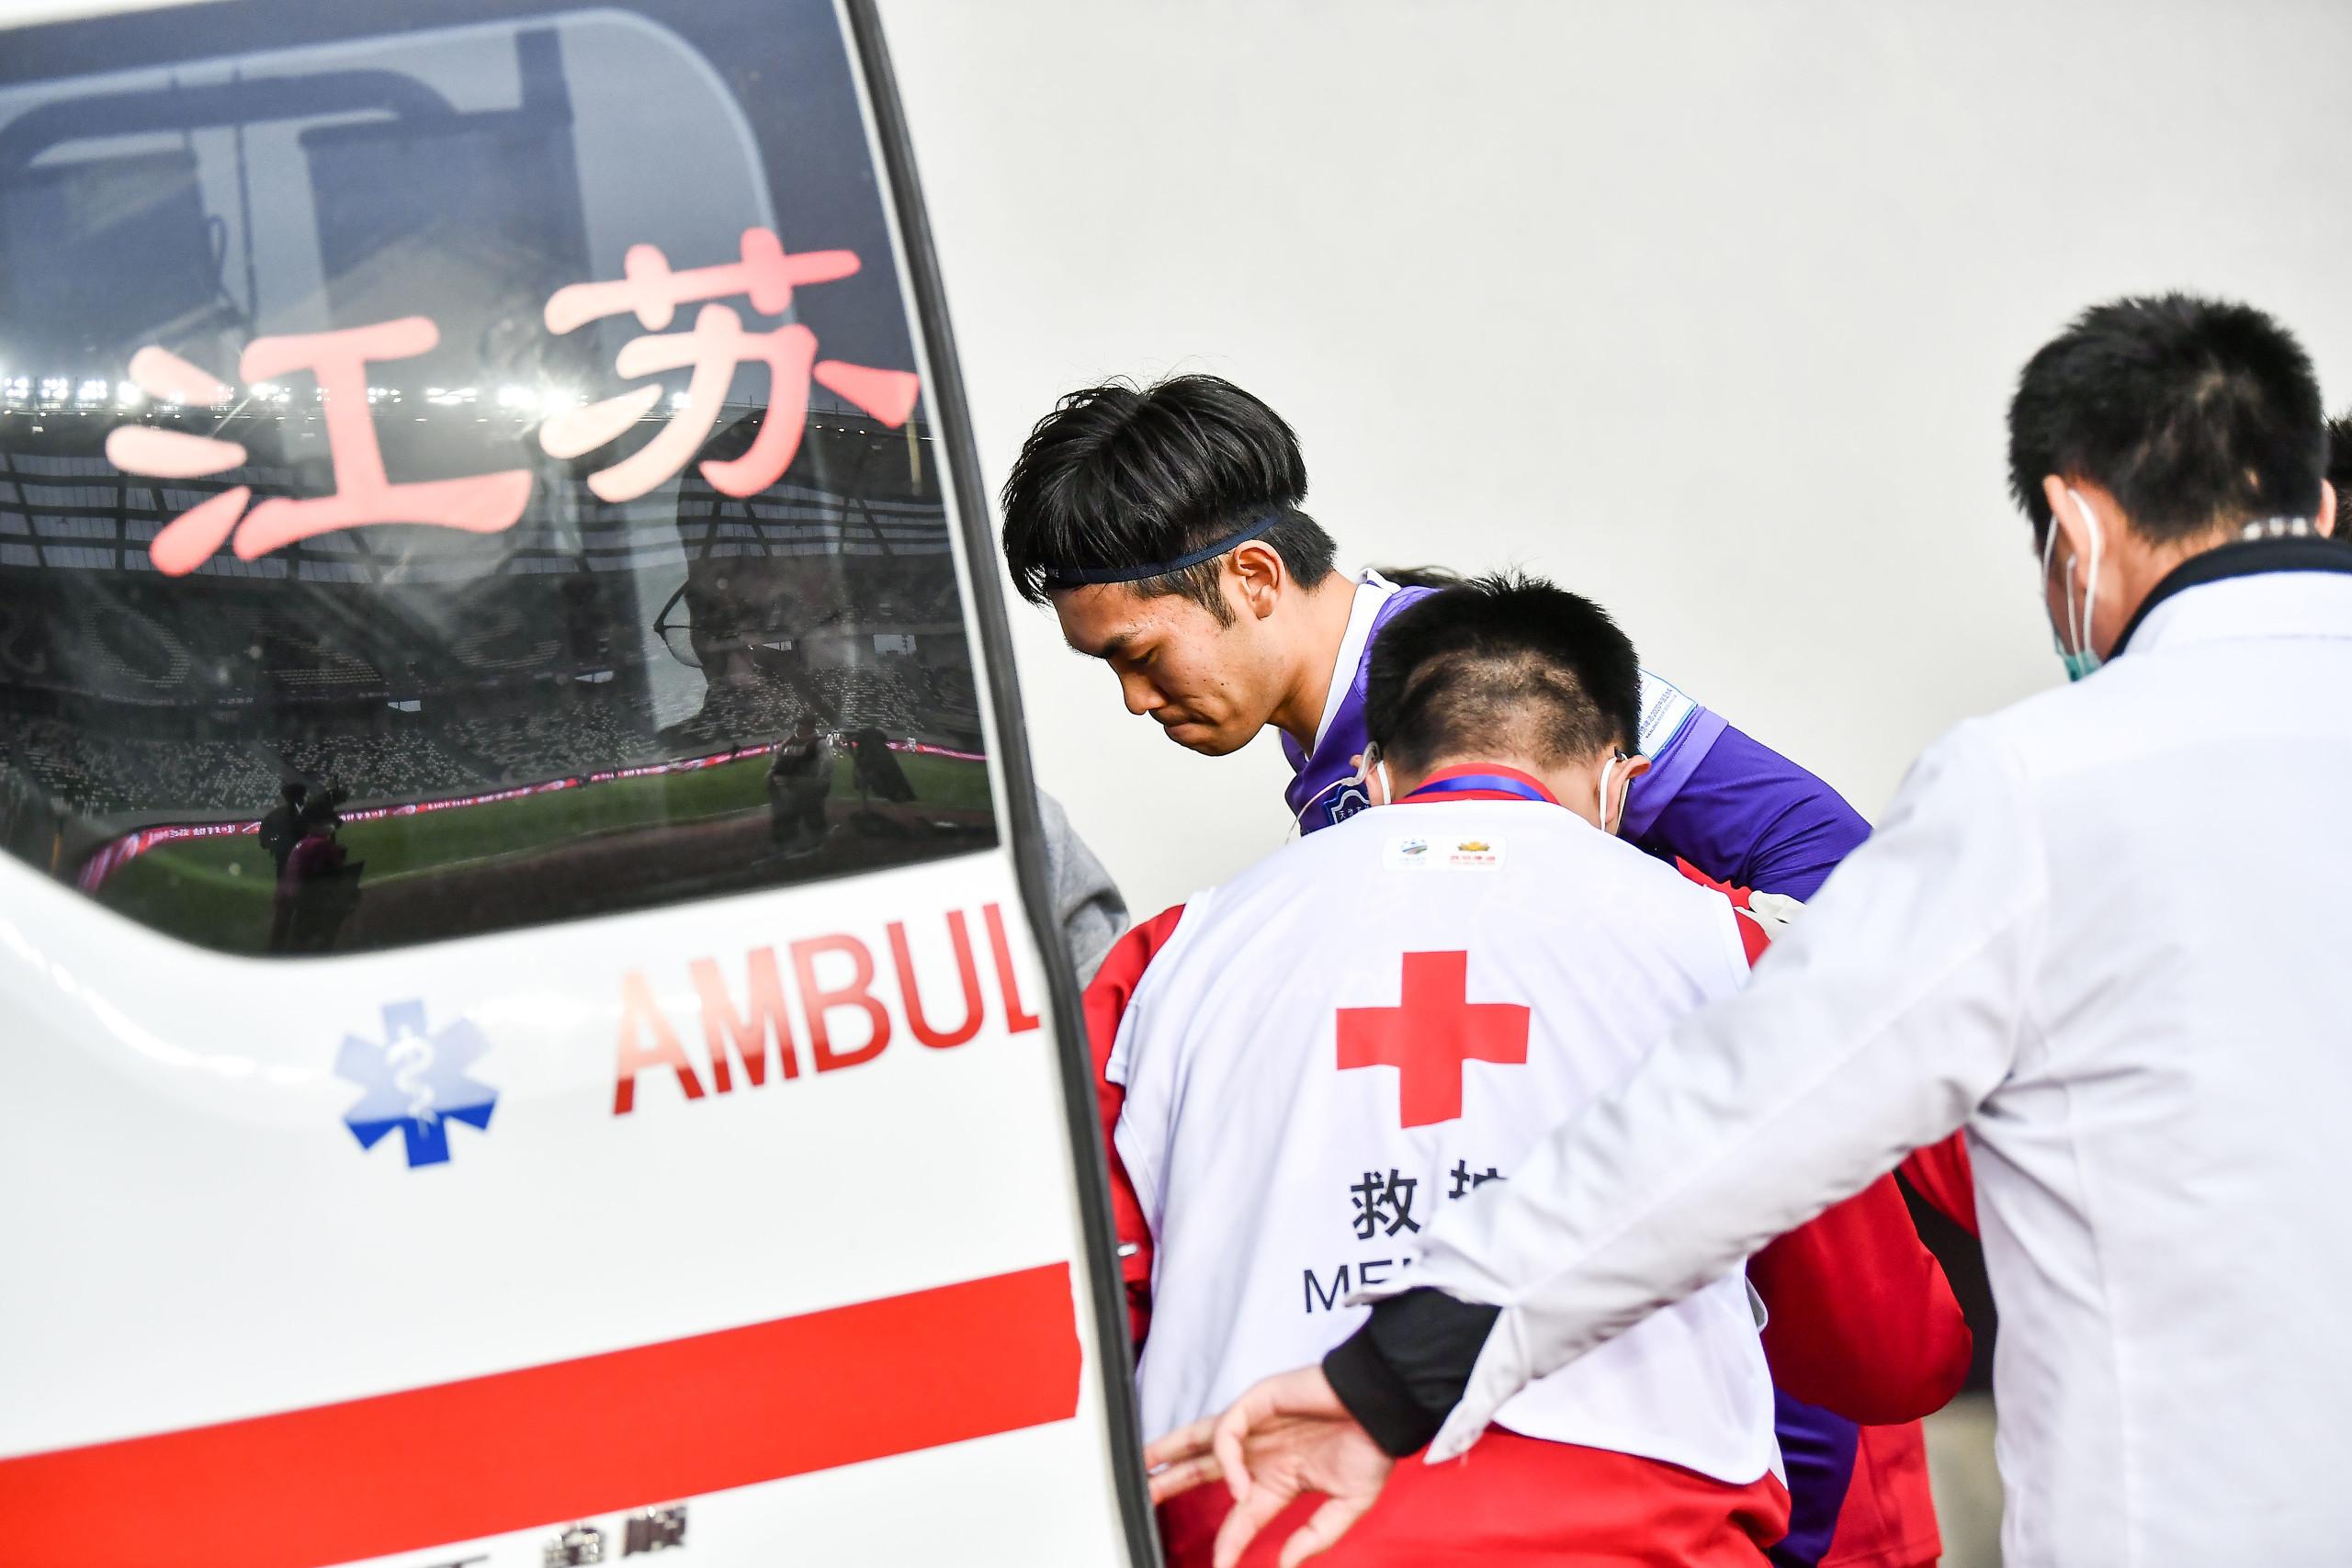 足球报:泰达赵英杰被诊断为胫骨远端轻微骨裂